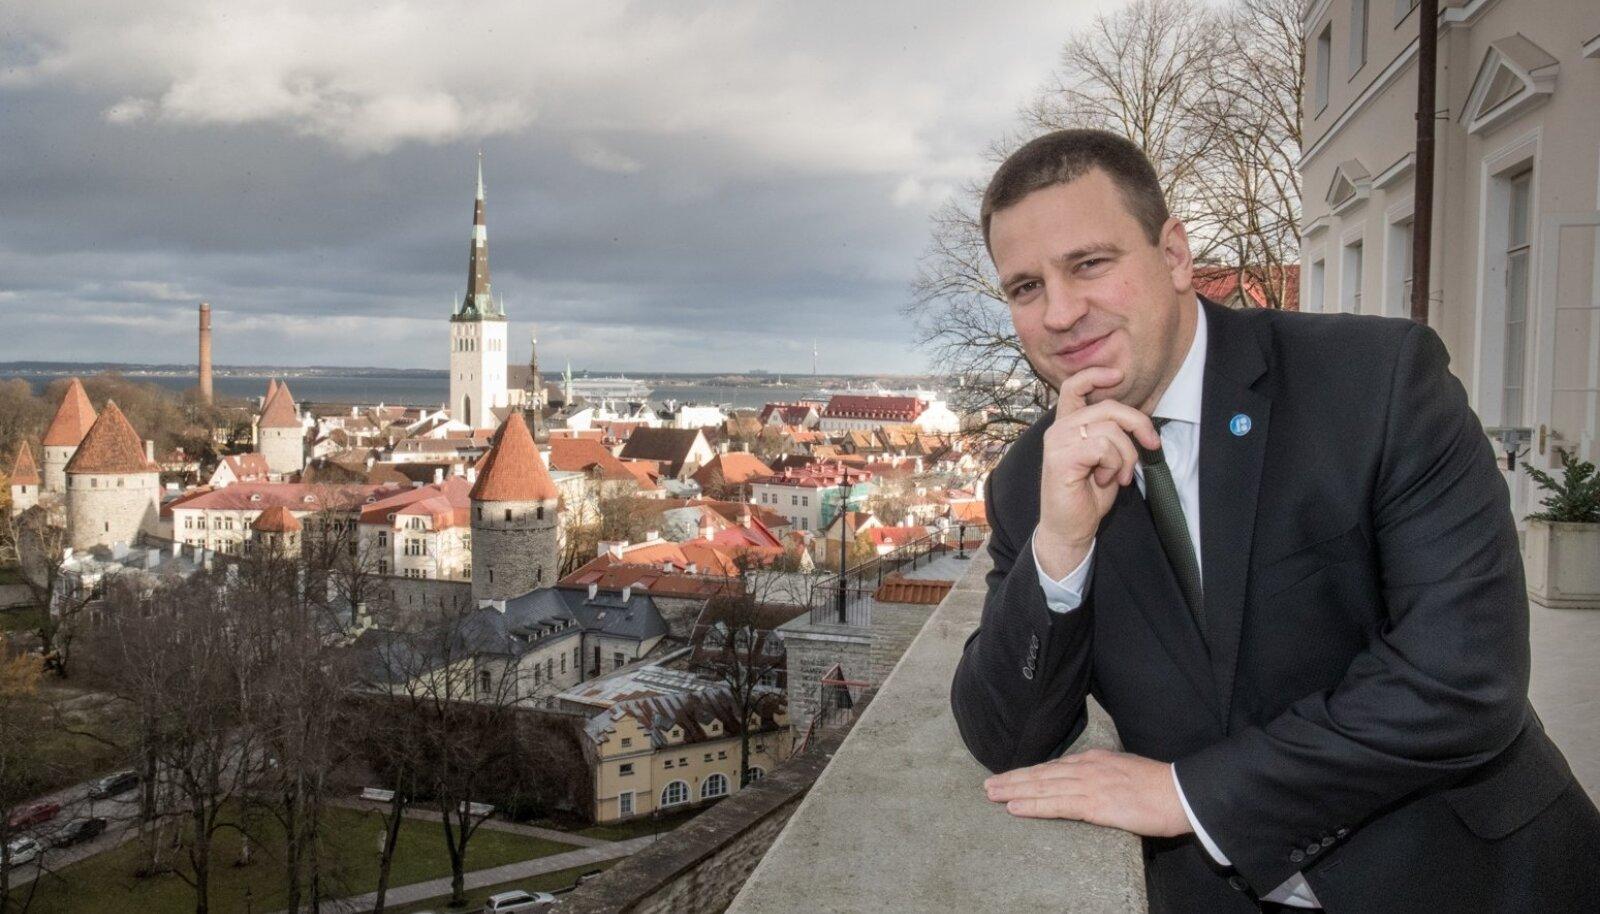 Jüri Ratase aasta on olnud suurepärane - mullu novembris ametisse asunud valitsusest kostab aeg-ajalt küll raginat, ent mootor siiski töötab. Eesistumine on läinud sujuvalt ja Keskerakonna ainuvõim Tallinnas säilis. Kõik see tõi Eesti mõjukaima inimese tiitli aastal 2017.